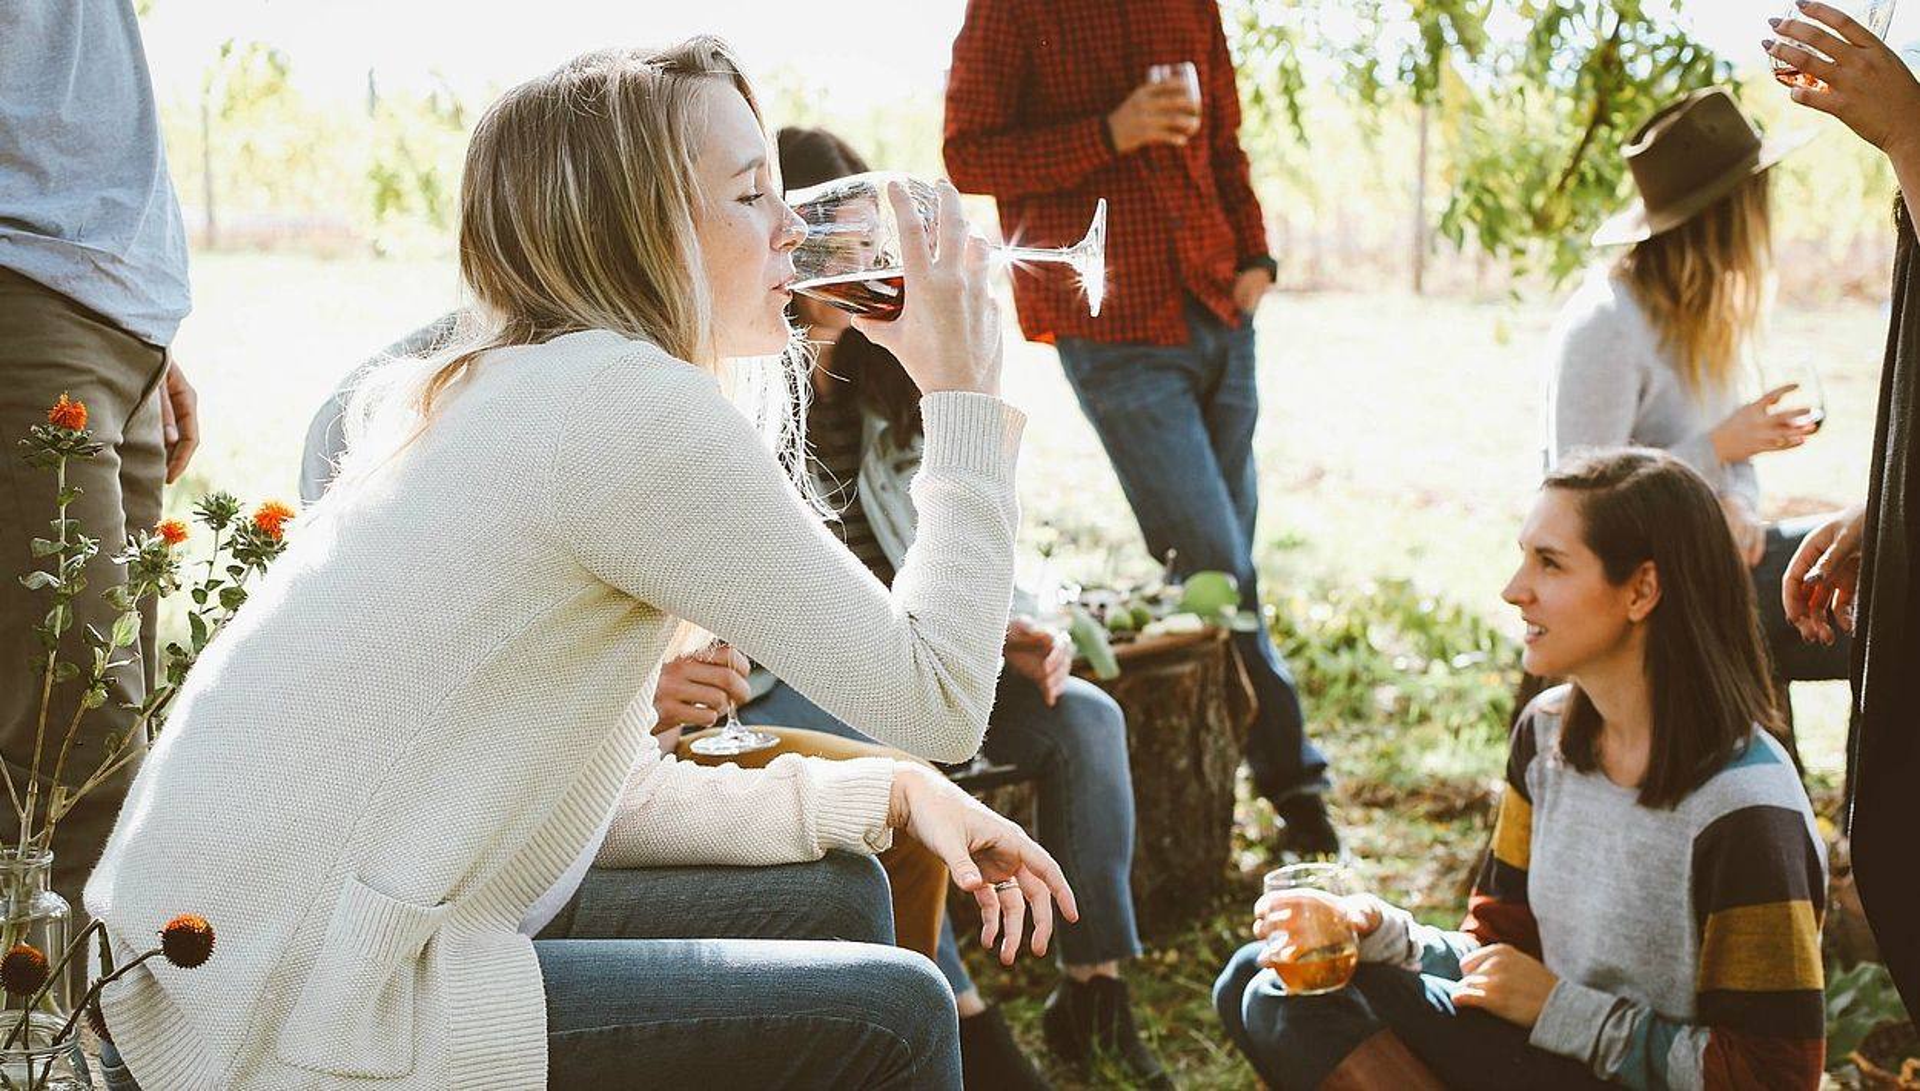 Lees ook: Tijd om over alcohol te praten... In de kerk